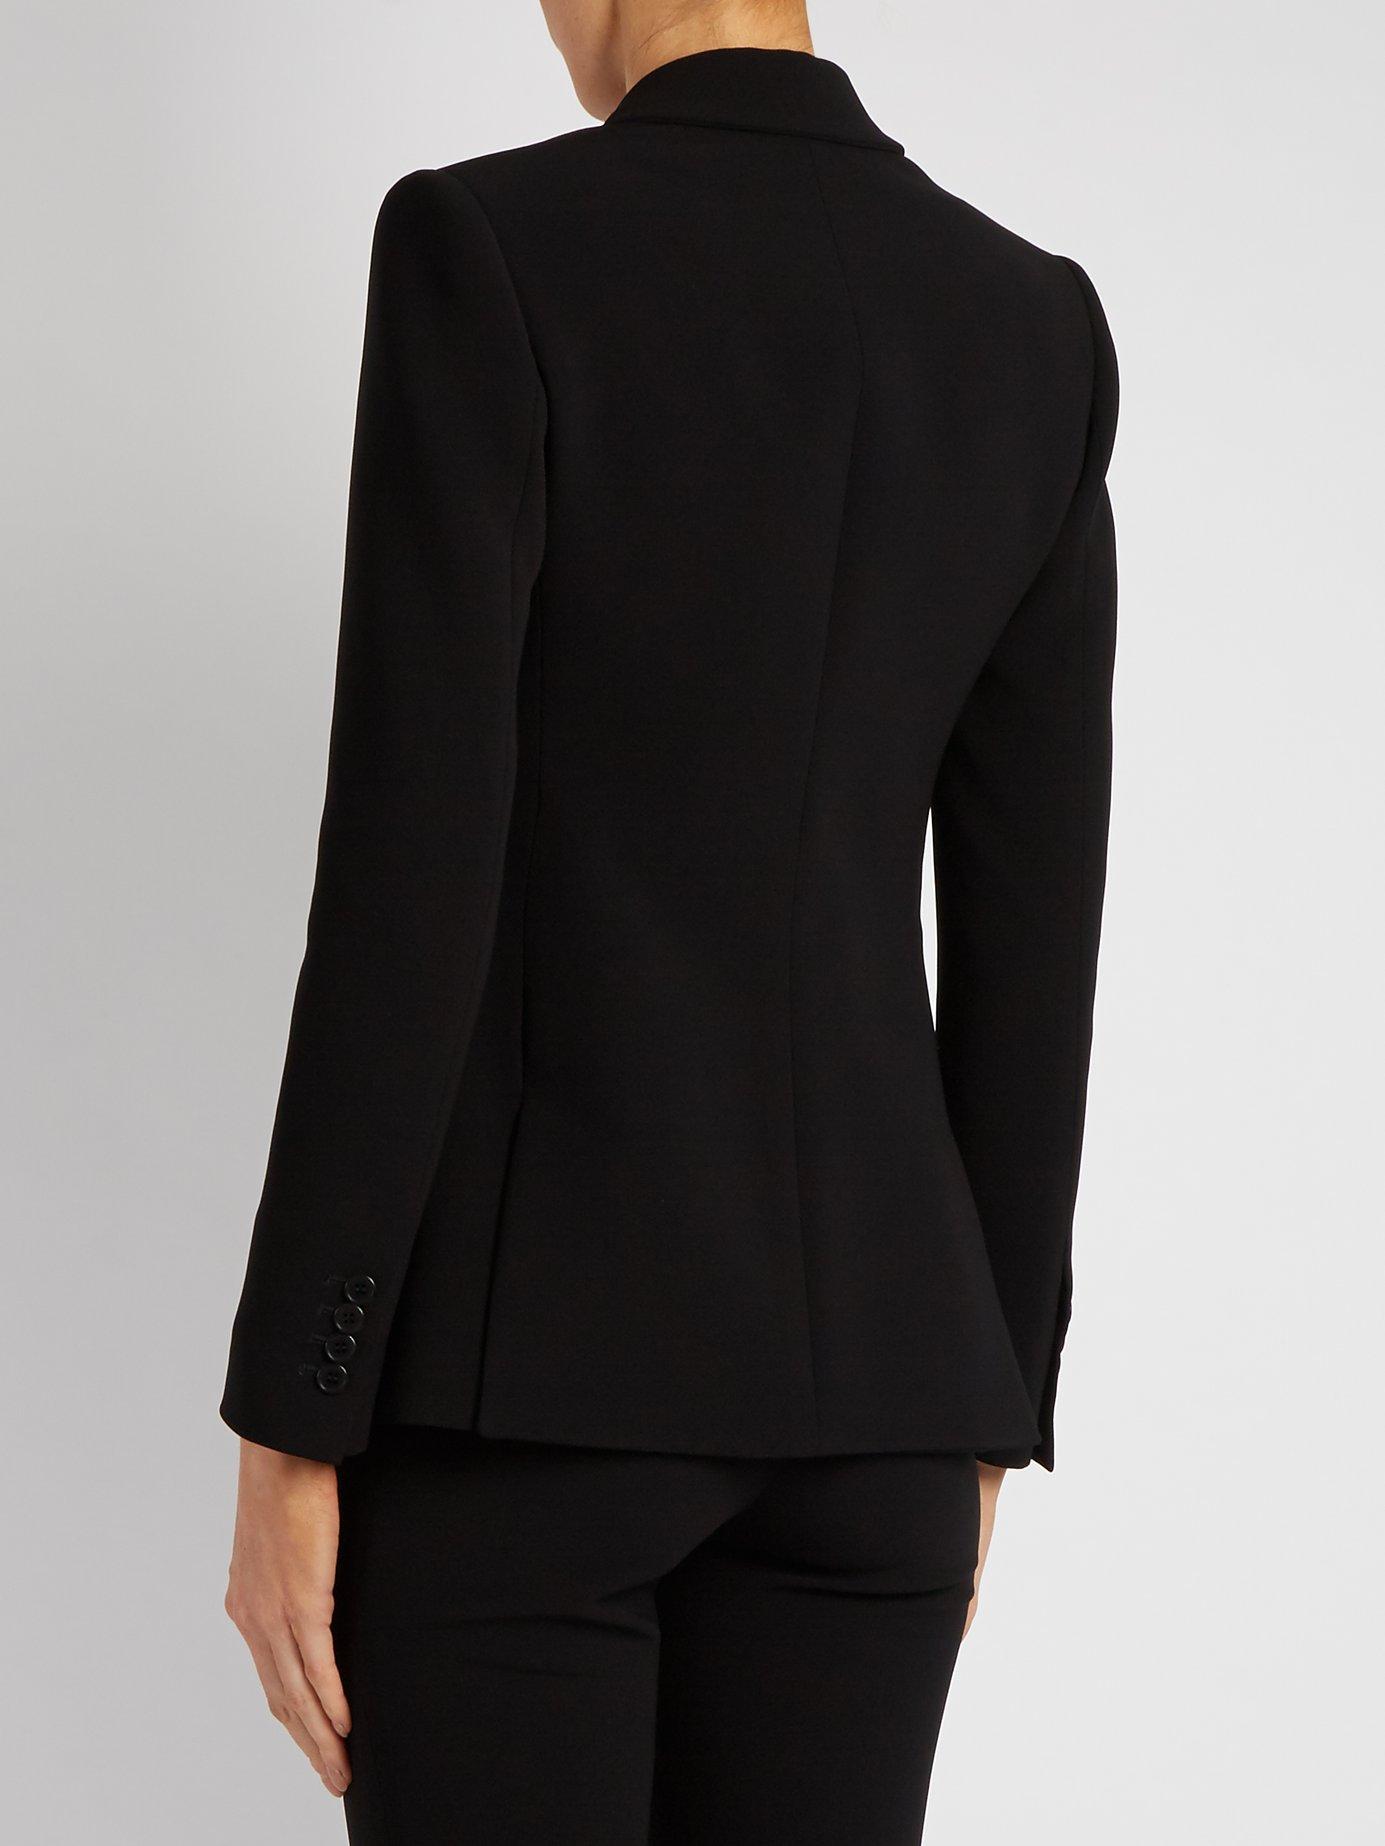 Cornwall single-breasted jacket by Altuzarra